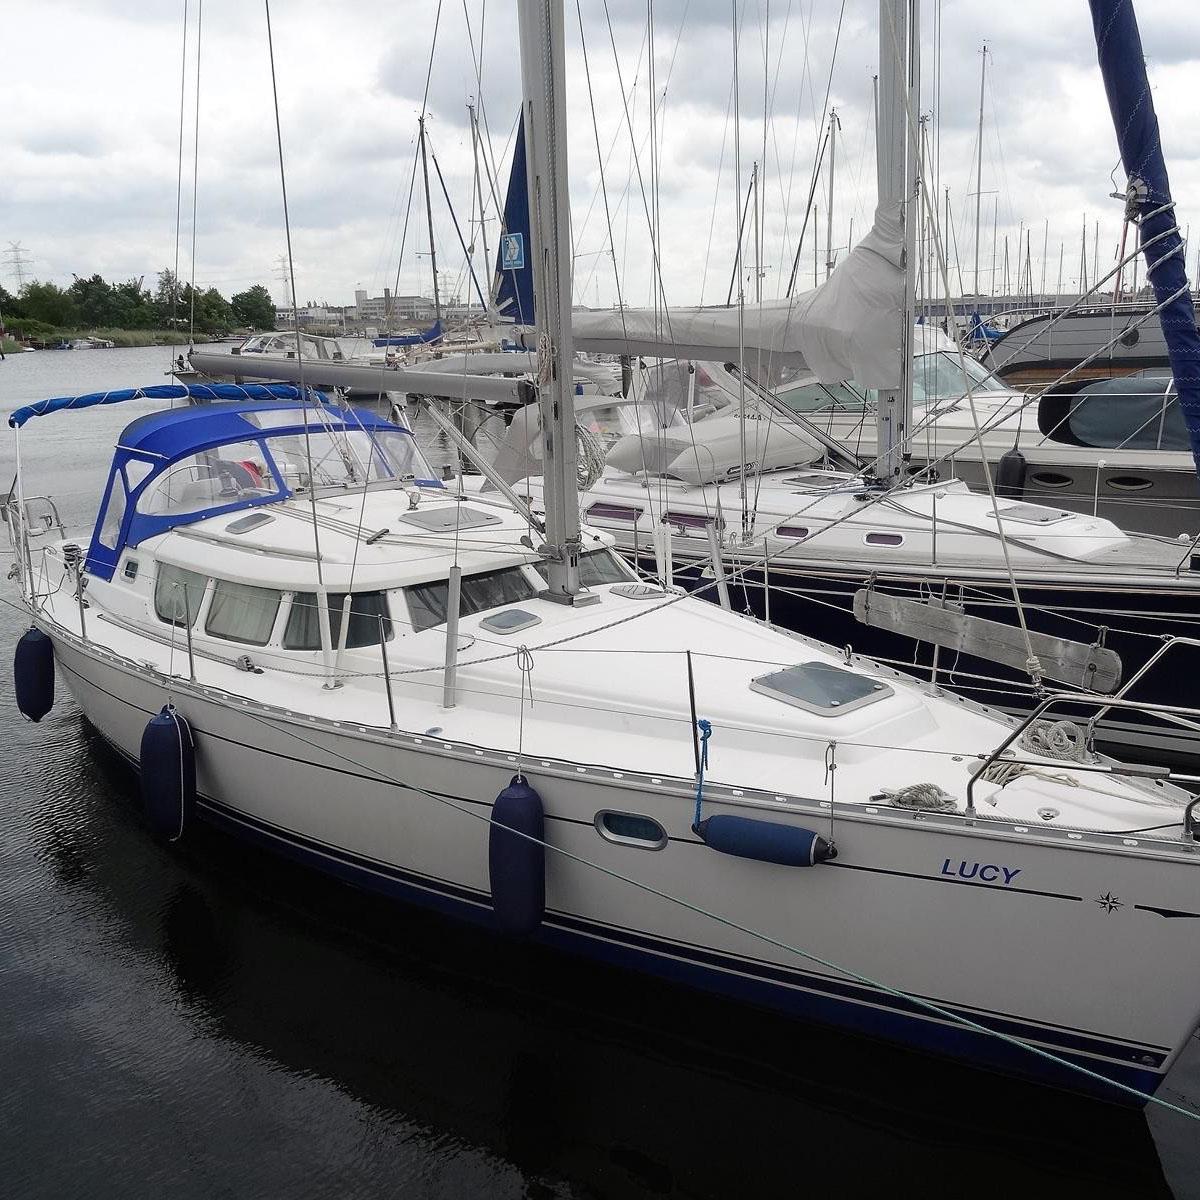 Jeanneau Sun Odyssey 40 2000